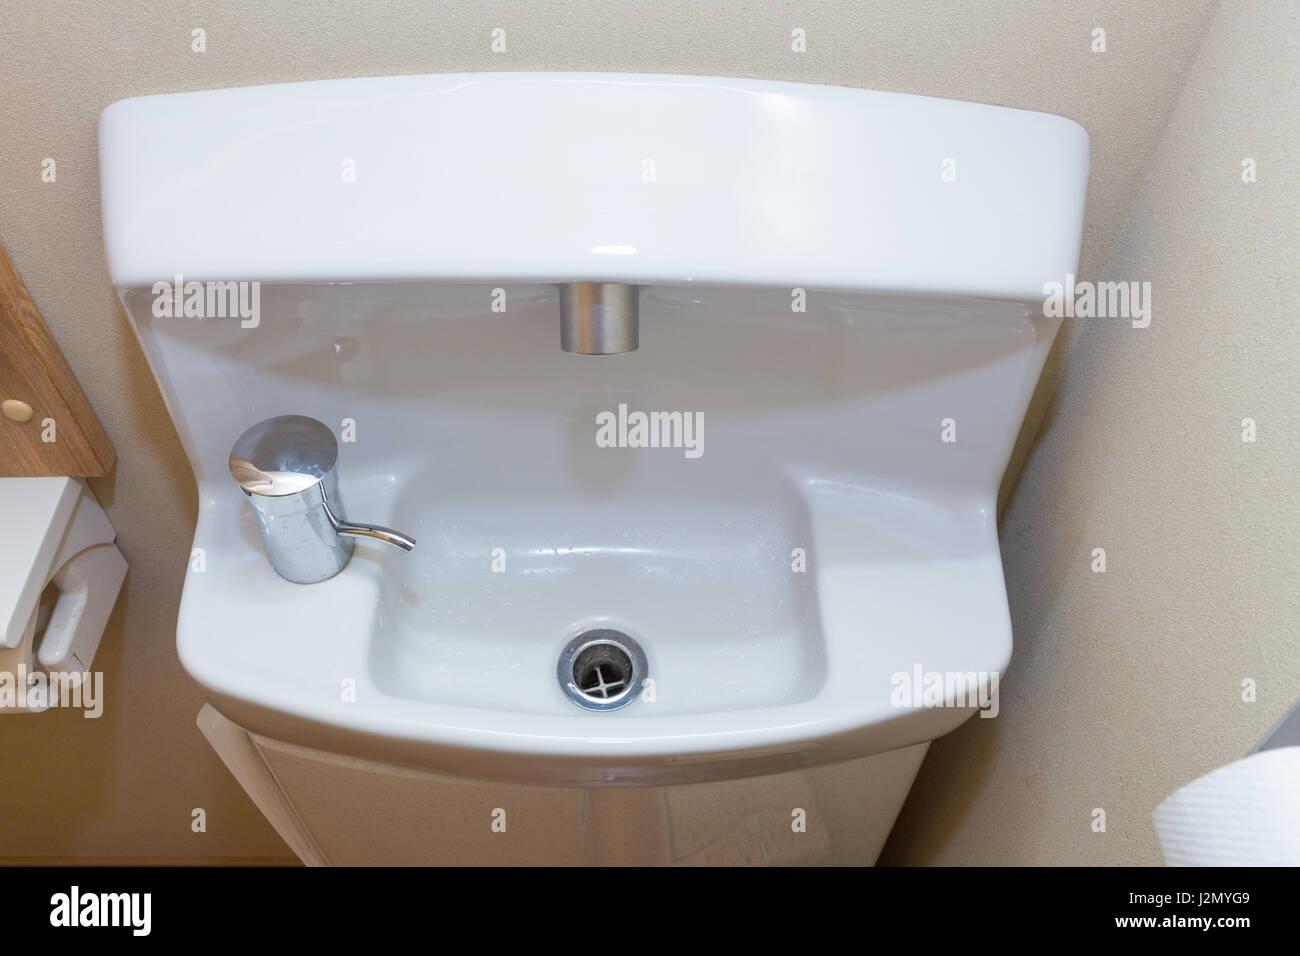 Kleine Kompakte Waschbecken, Japanischen Stil Für Engen Raum Und Ein Kleines  Bad